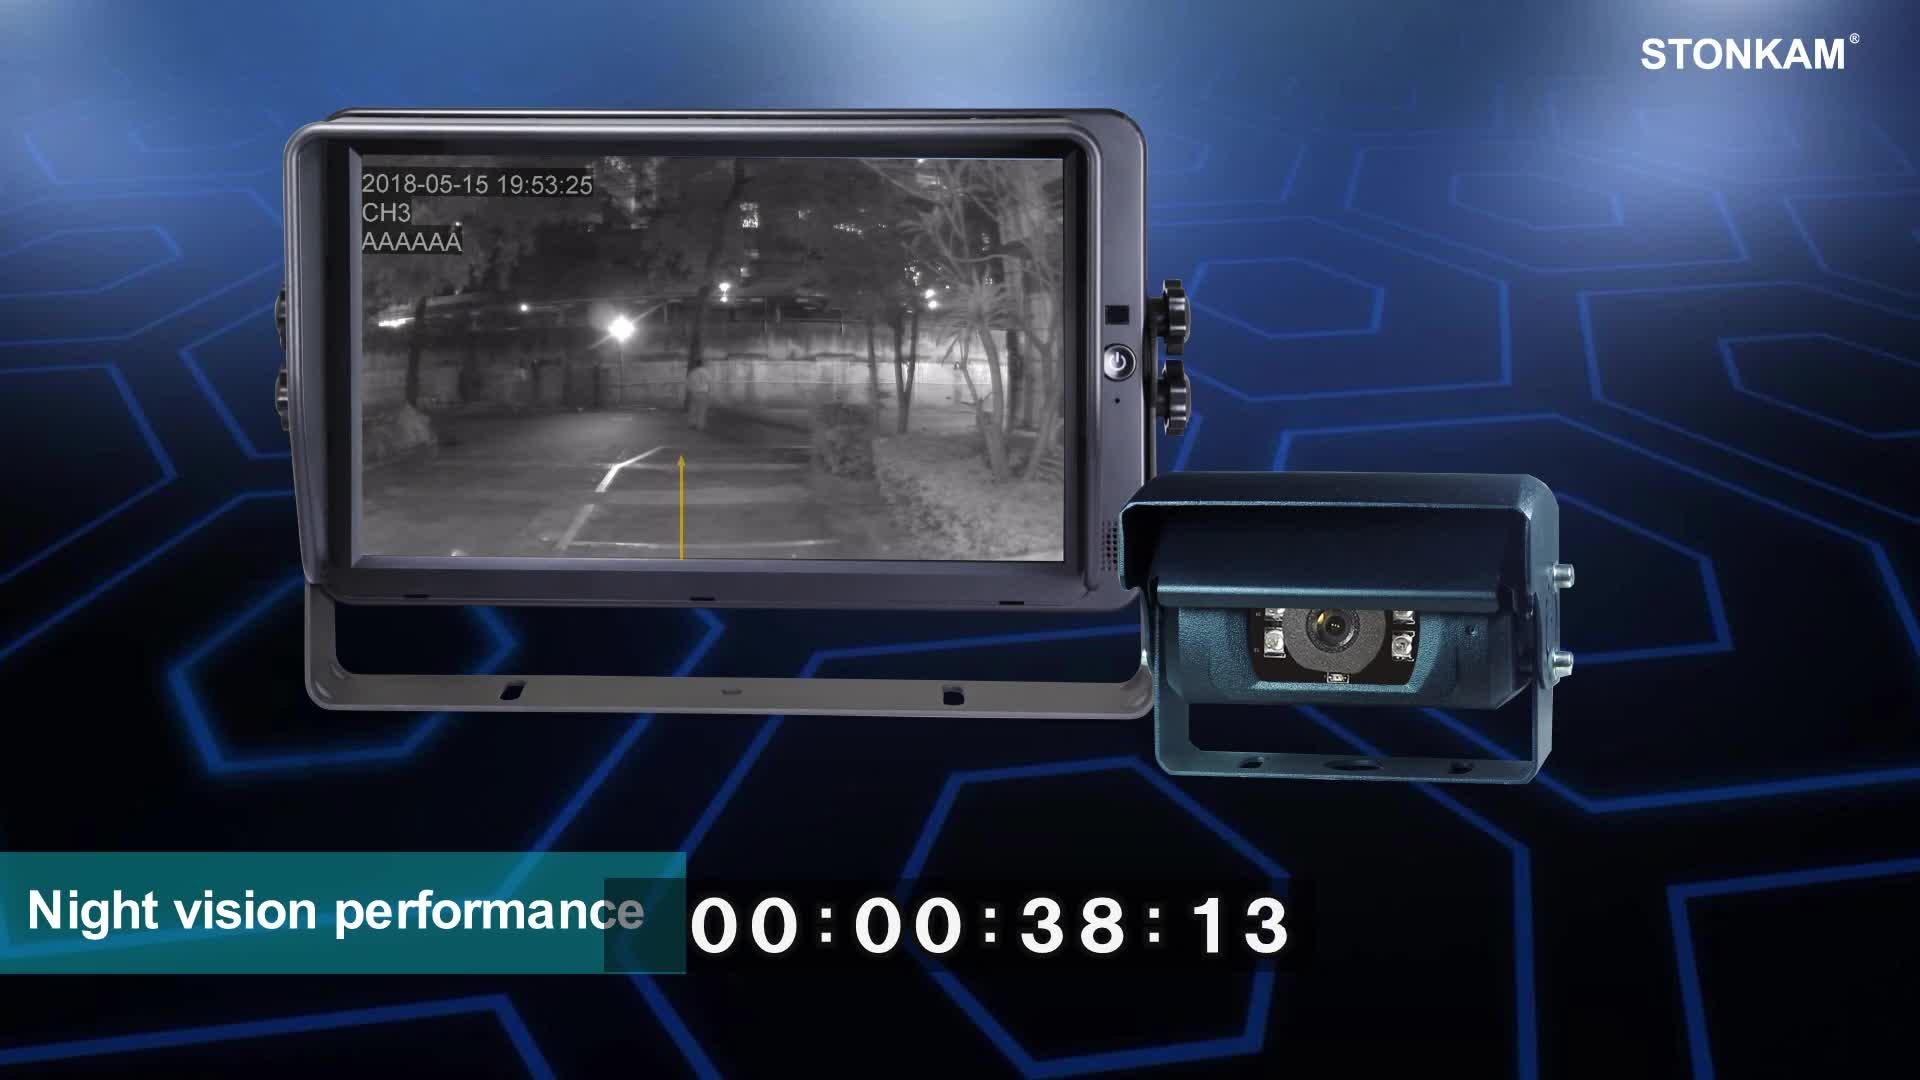 防水 720 1080p HD 車のバックアップカメラシャッター